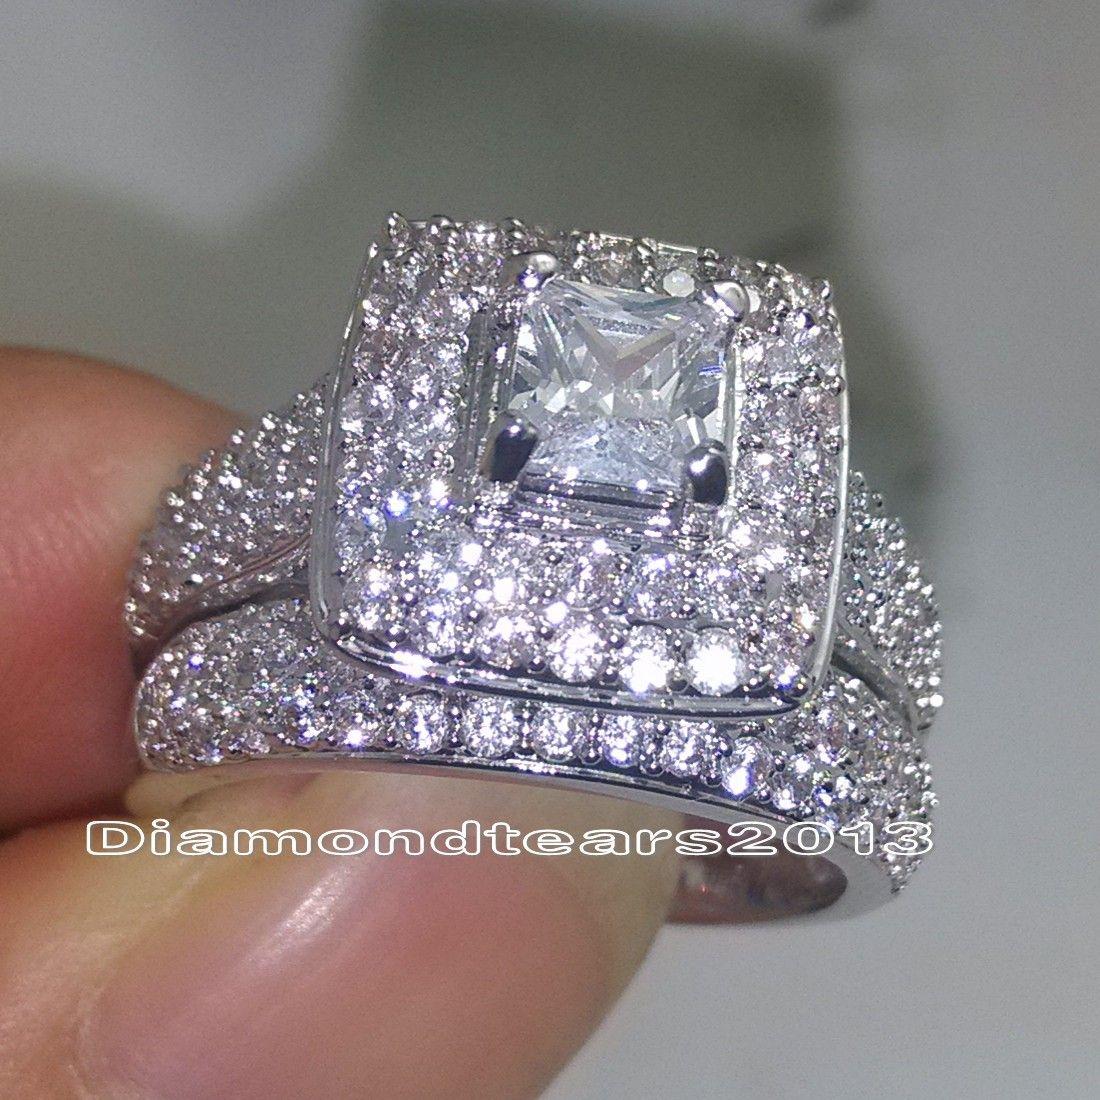 Modeschmuck 134 stücke steine Größe 6-10 luxus 14kt weißgold Gefüllt Voller weißer topas CZ Diamant Hochzeit Frauen Ring Set für liebhaber geschenk